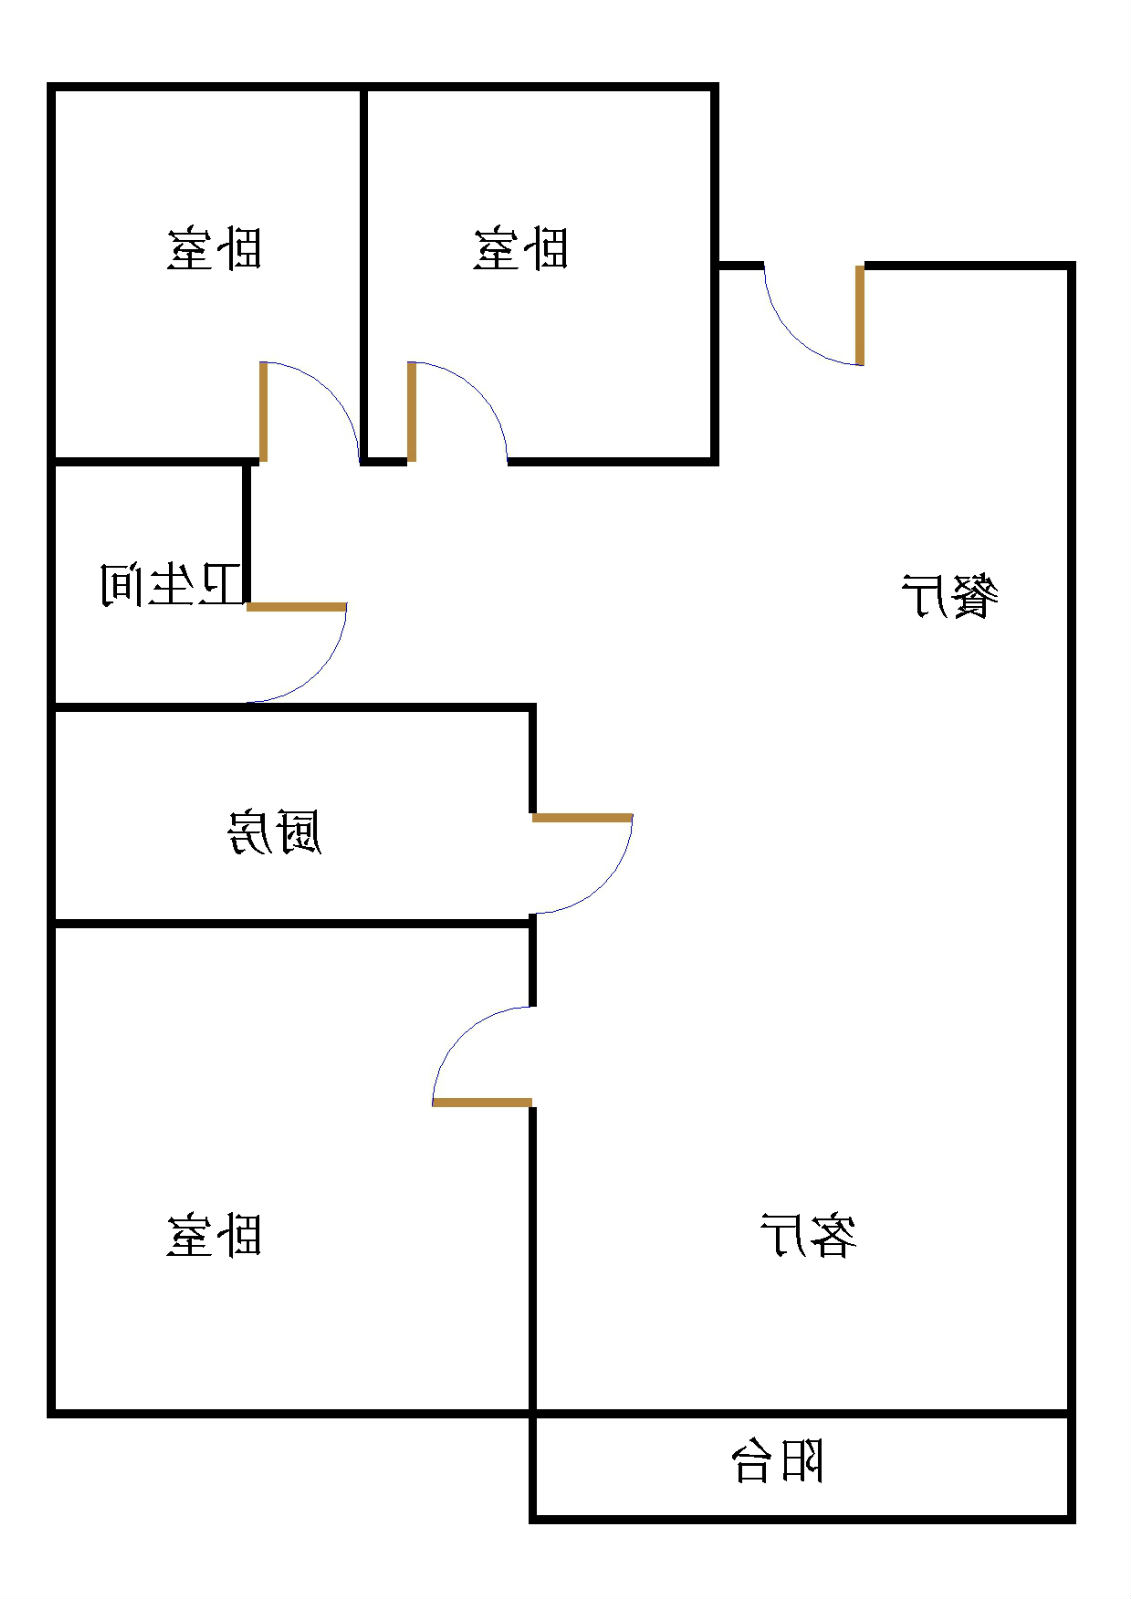 嘉城盛世 3室2厅 双证齐全 简装 115万